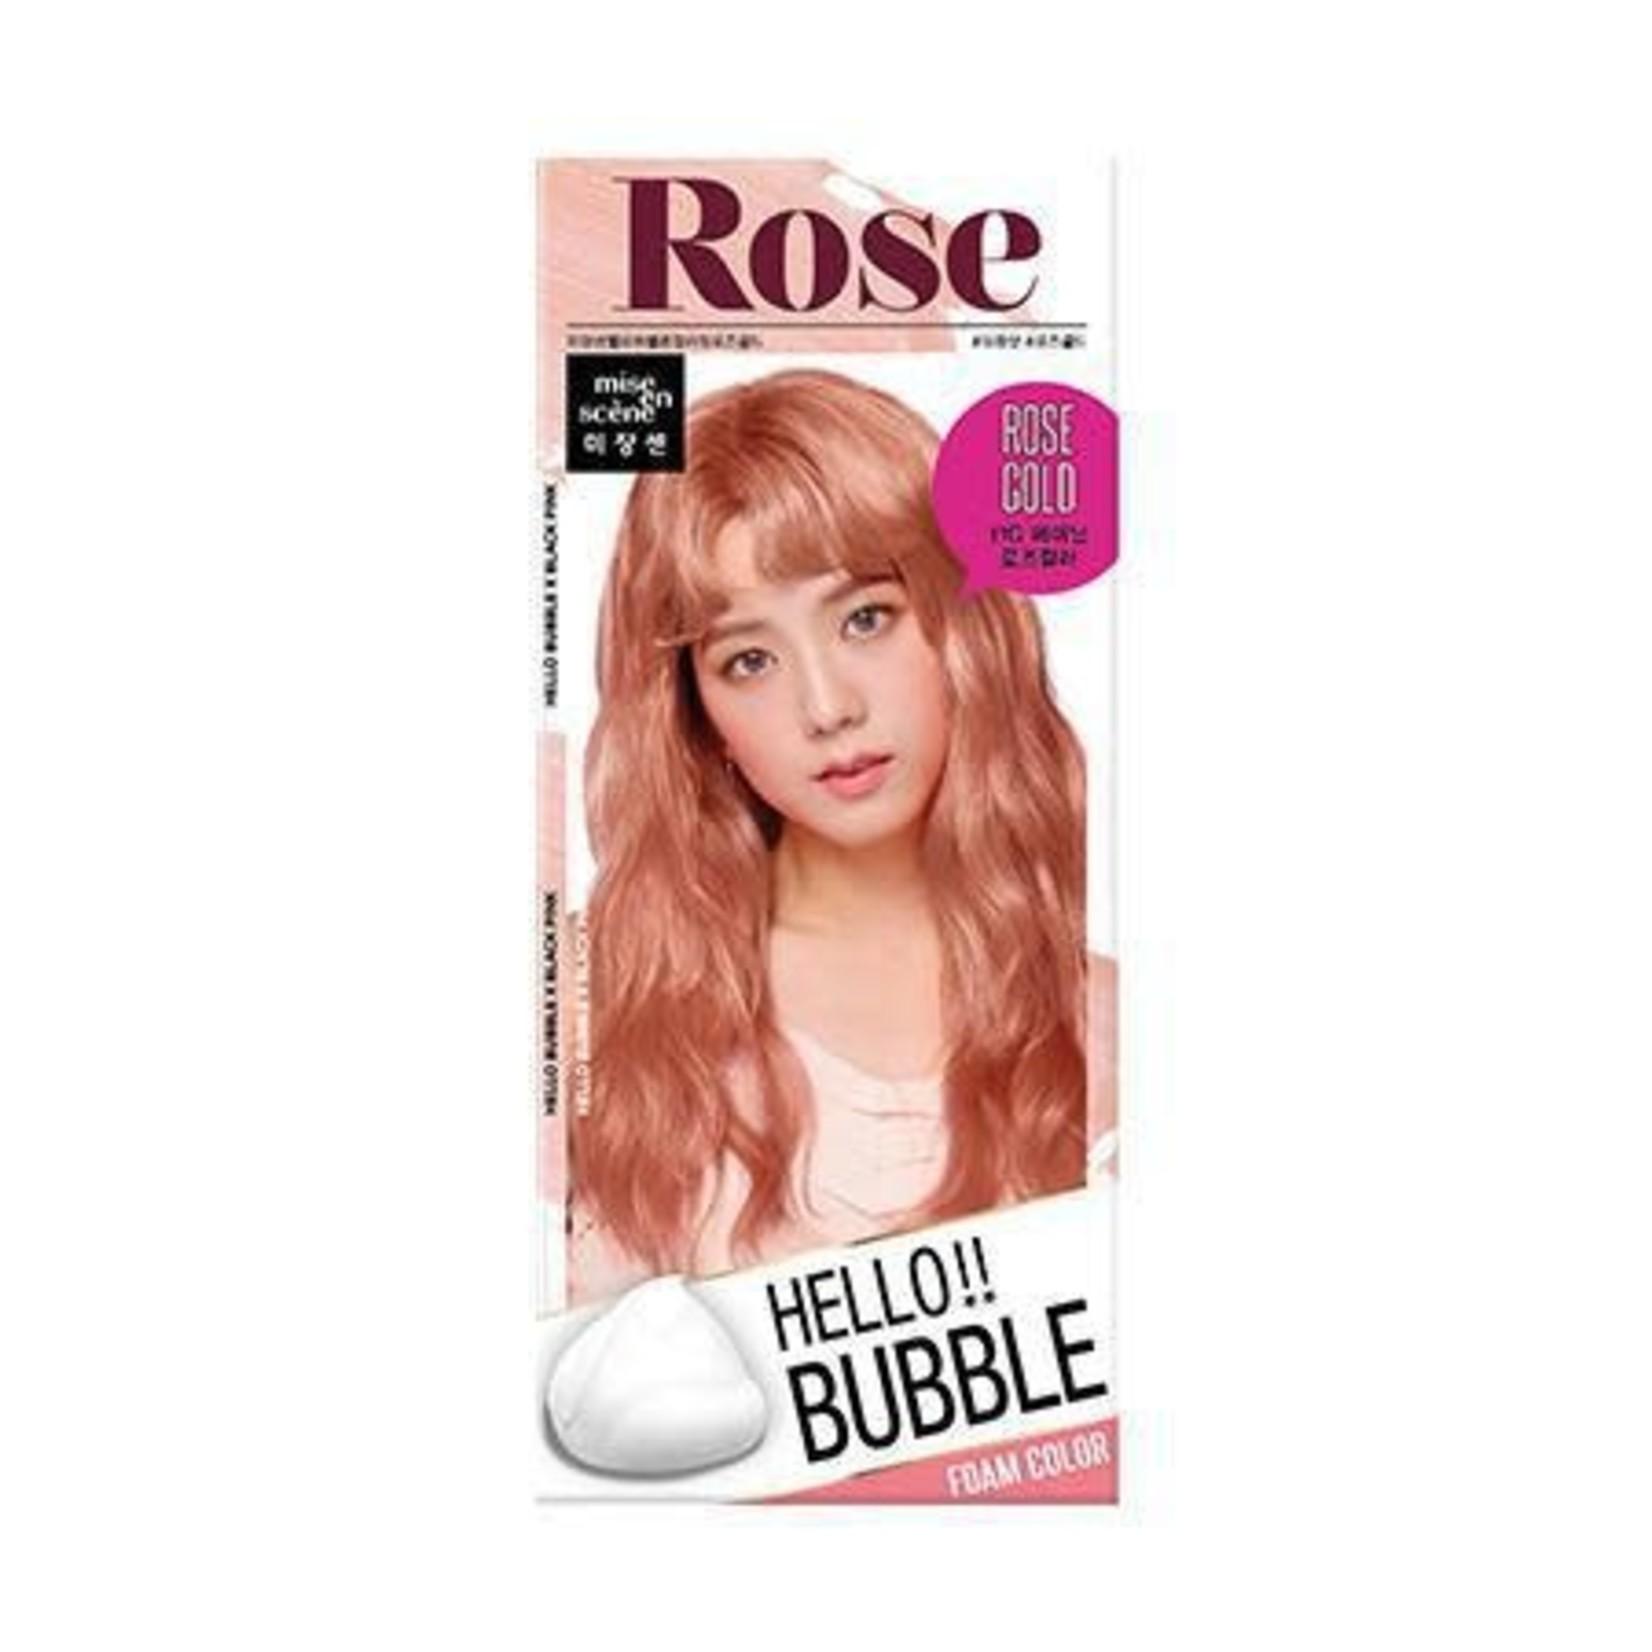 Mise En Scene Mise En Scene Hello Bubble Hair Foam Color 11RG Rose Gold